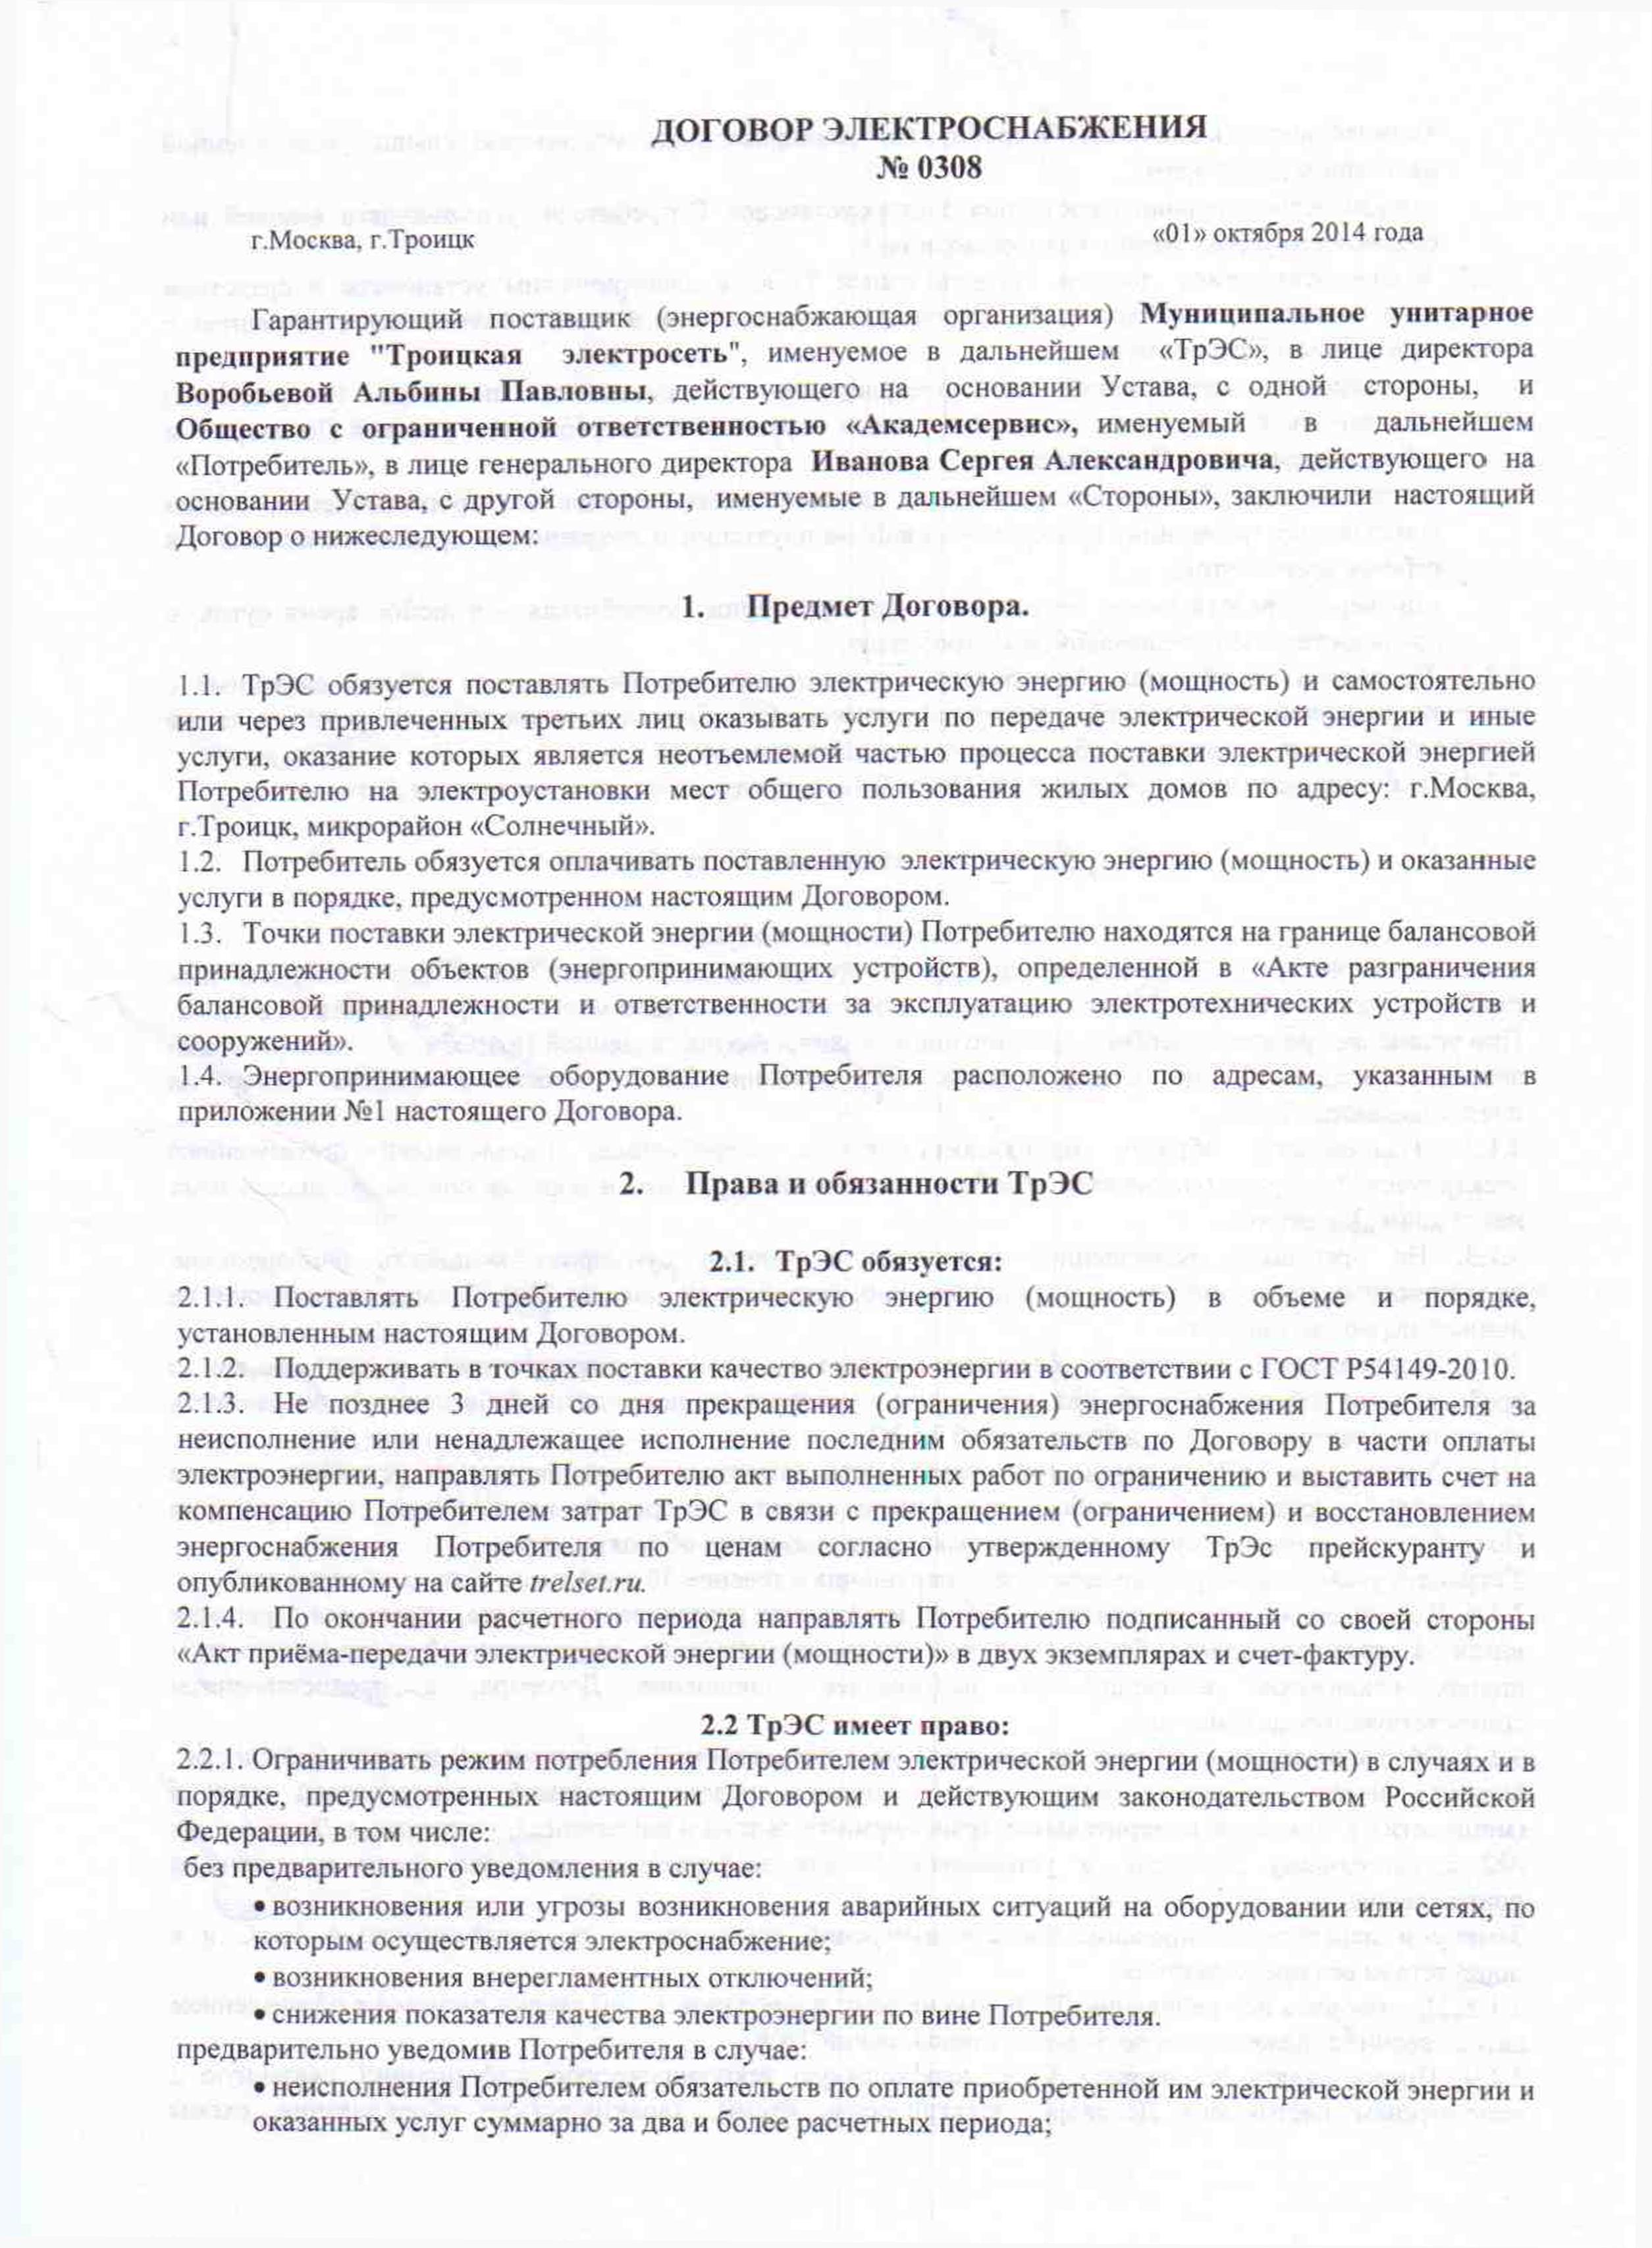 ДоговорЭлектросеть - 0001